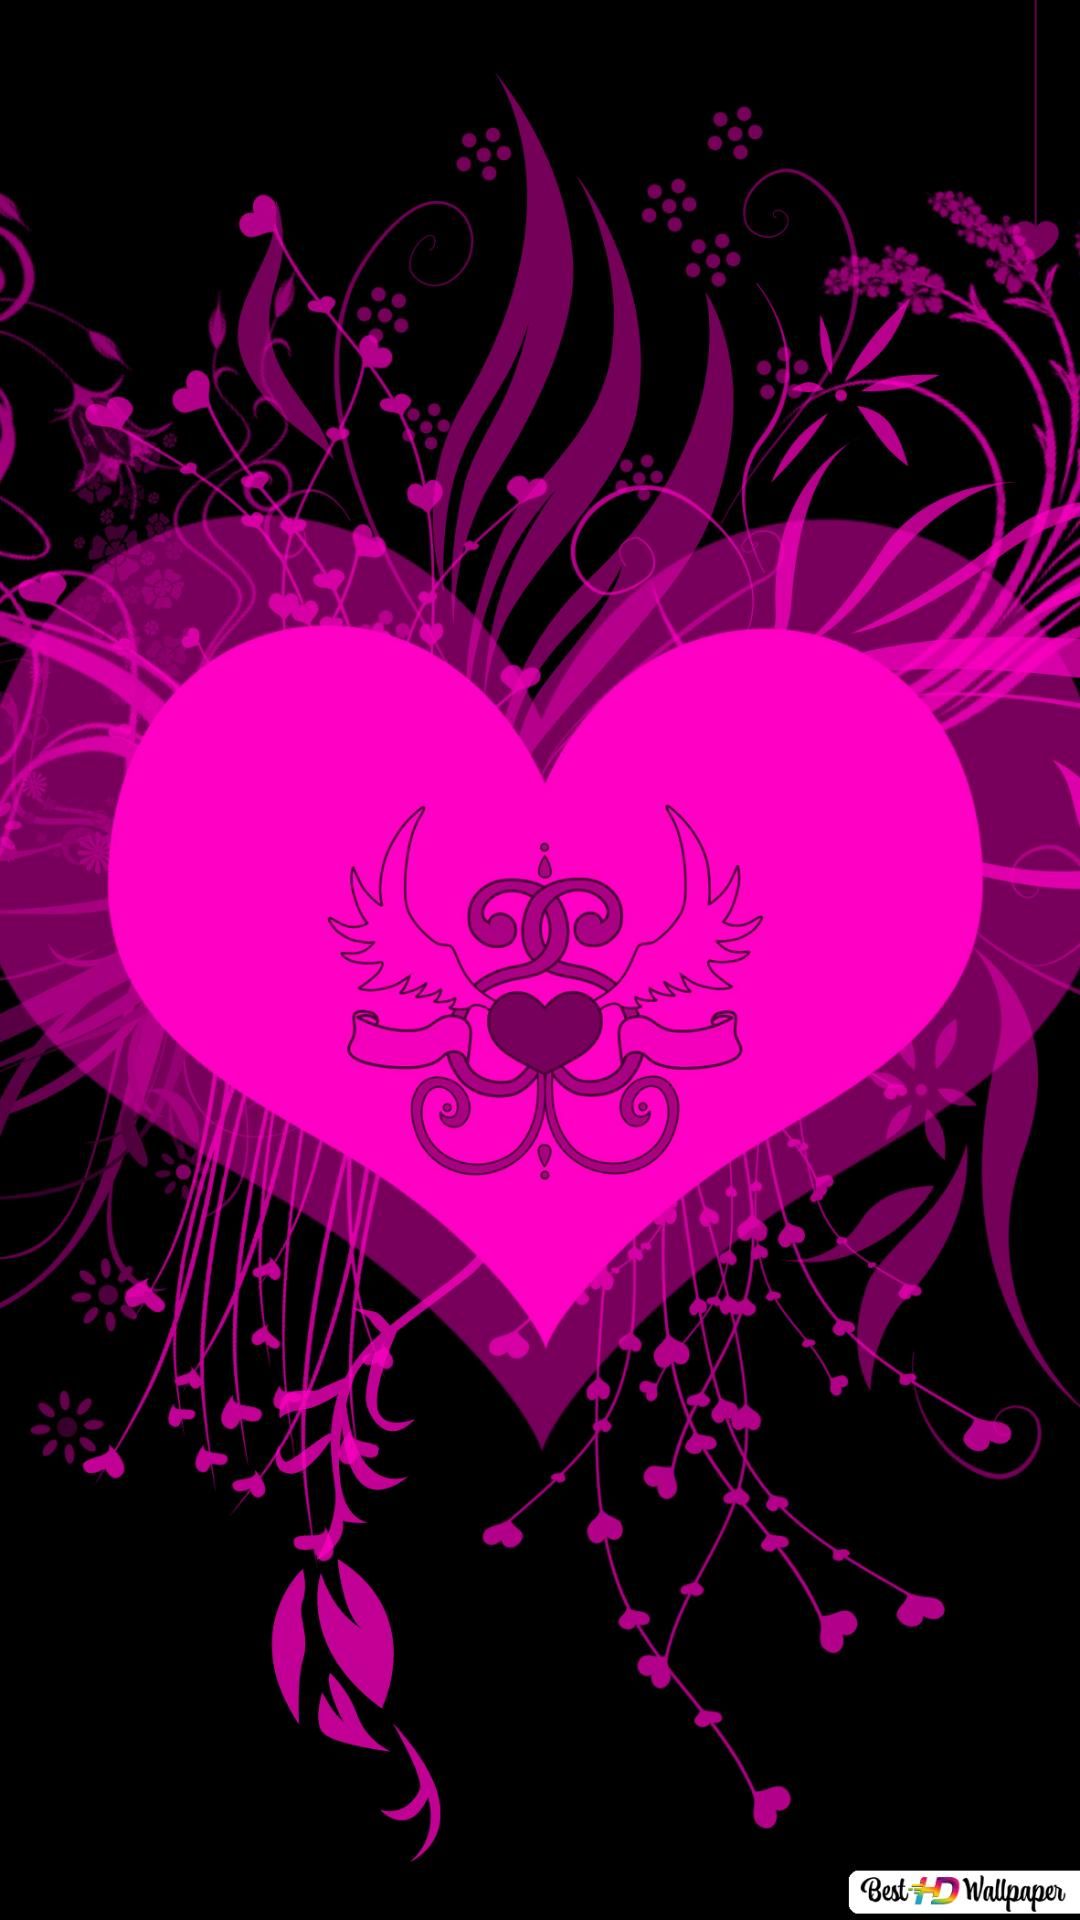 valentine s day neon pink heart wallpaper 1080x1920 13396 165